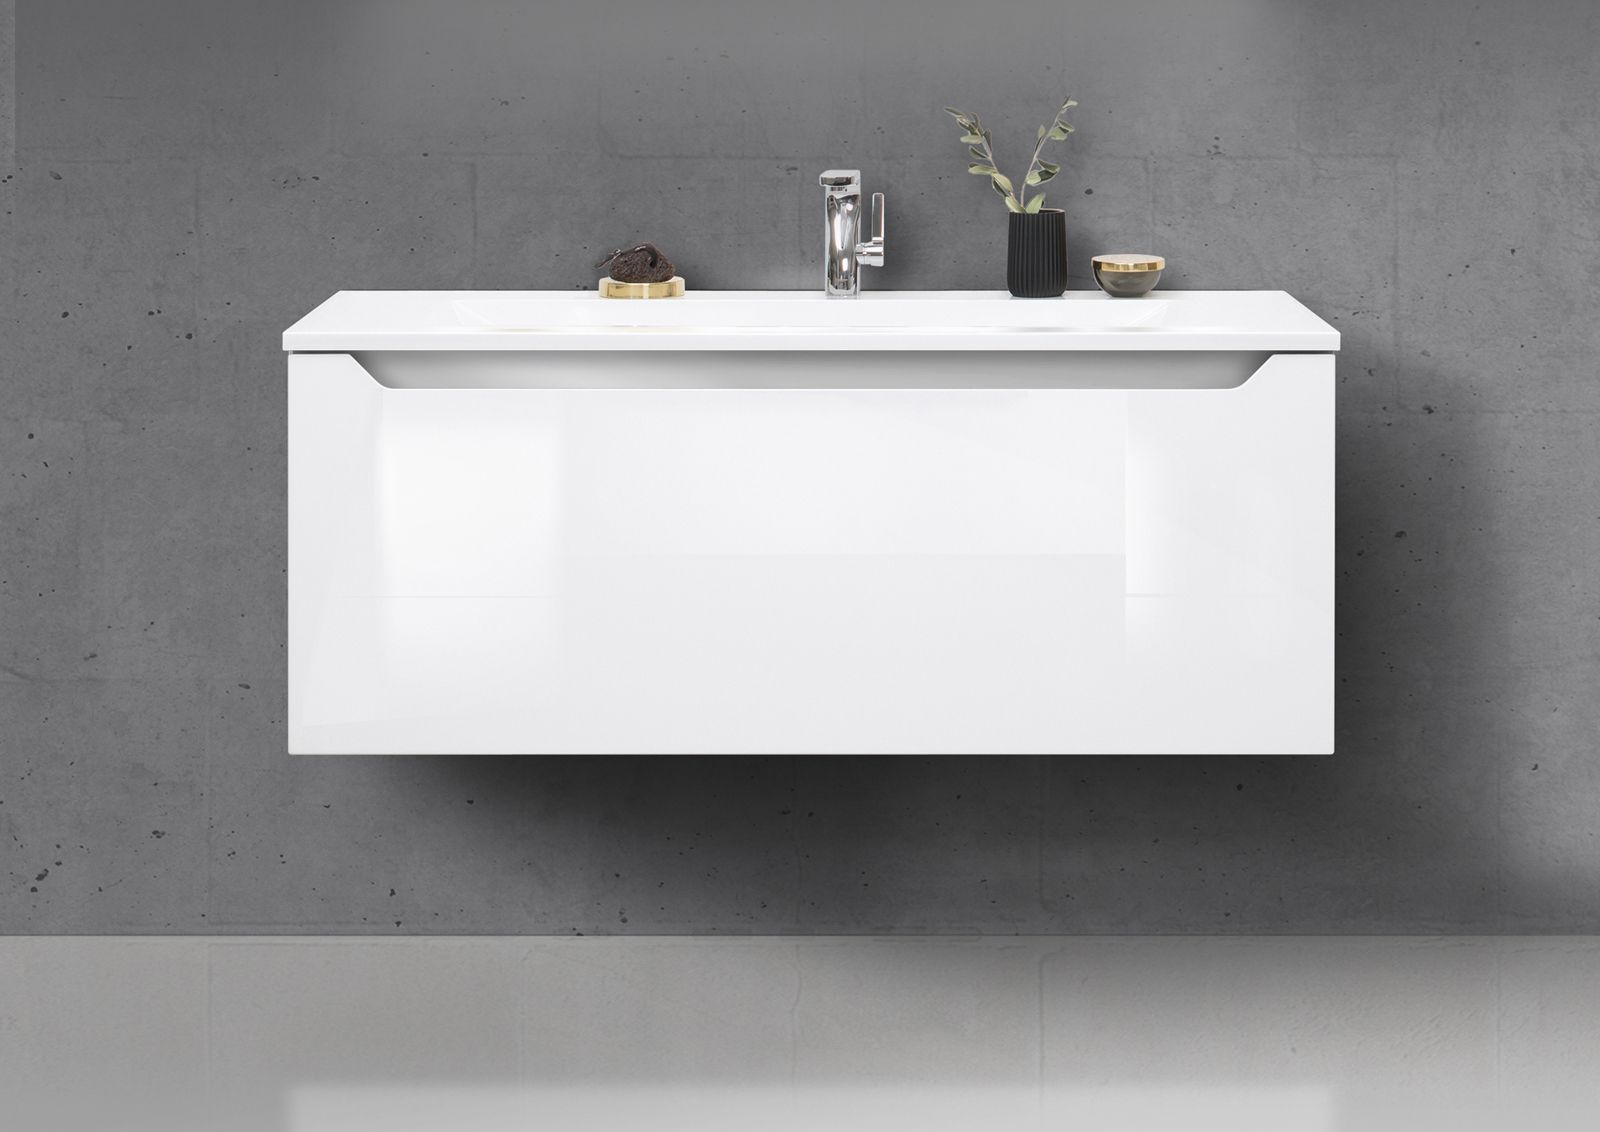 Waschtische 120 Cm Waschtisch Ein Waschbeckenunterschrank Mit 120 Zentimetern Ist Die Richtige Losung Fur Unsere Pas Waschtisch Set Badmobel Set Unterschrank